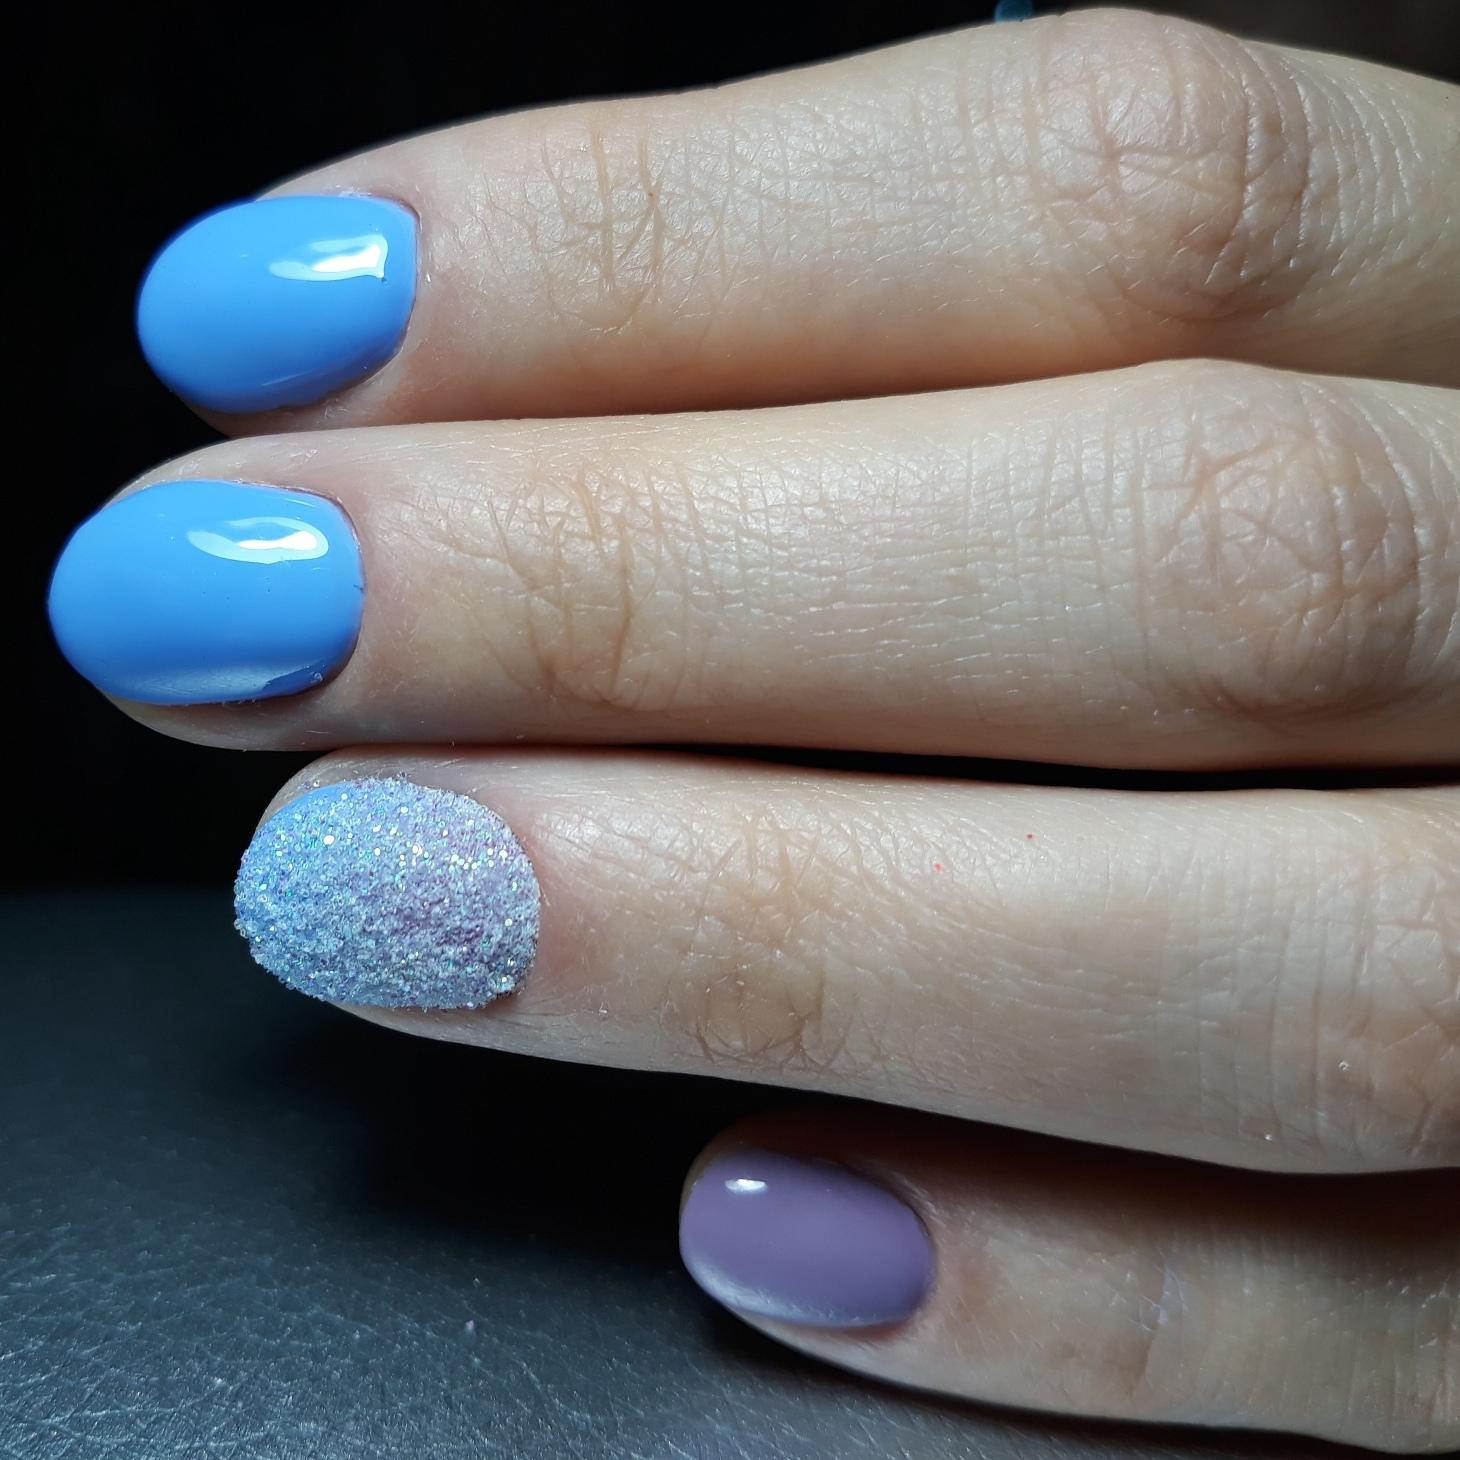 Маникюр с песочным дизайном в голубом цвете на короткие ногти.